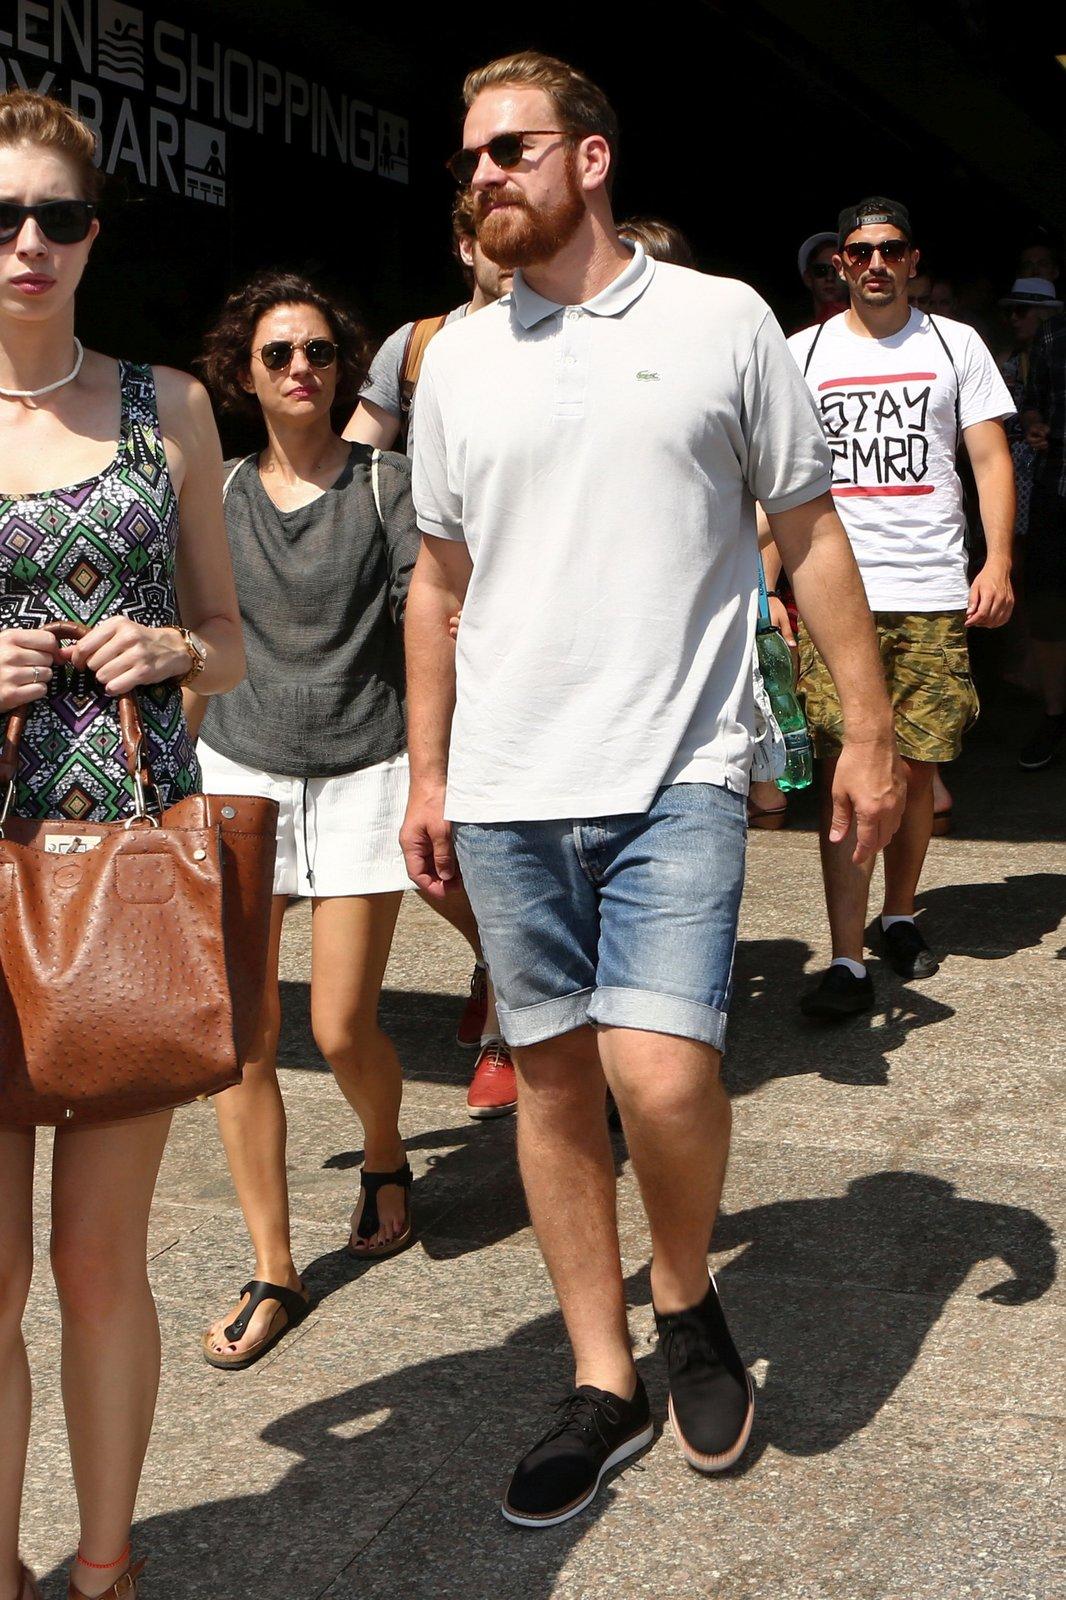 Stanislav Majer známý ze seriálu Případ pro exsorcistu nebo Všechny moje lásky přijel do Varů s přítelkyní